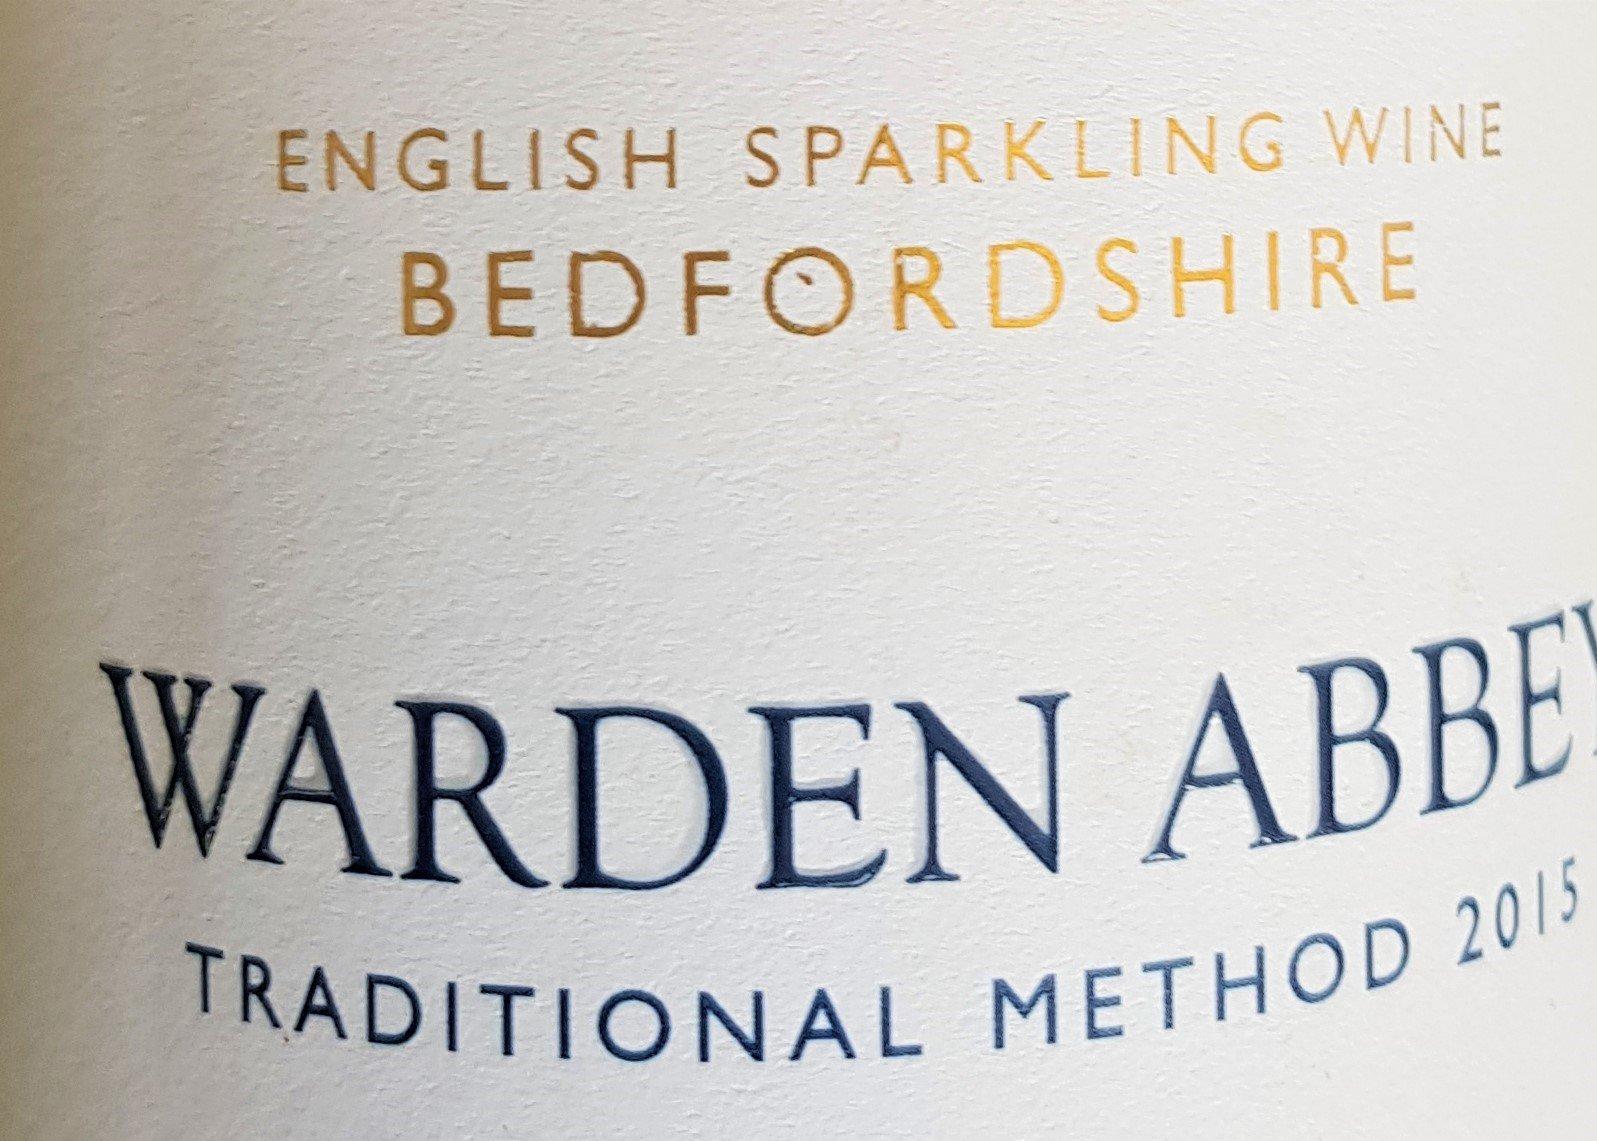 Warden Abbey wine bottle label